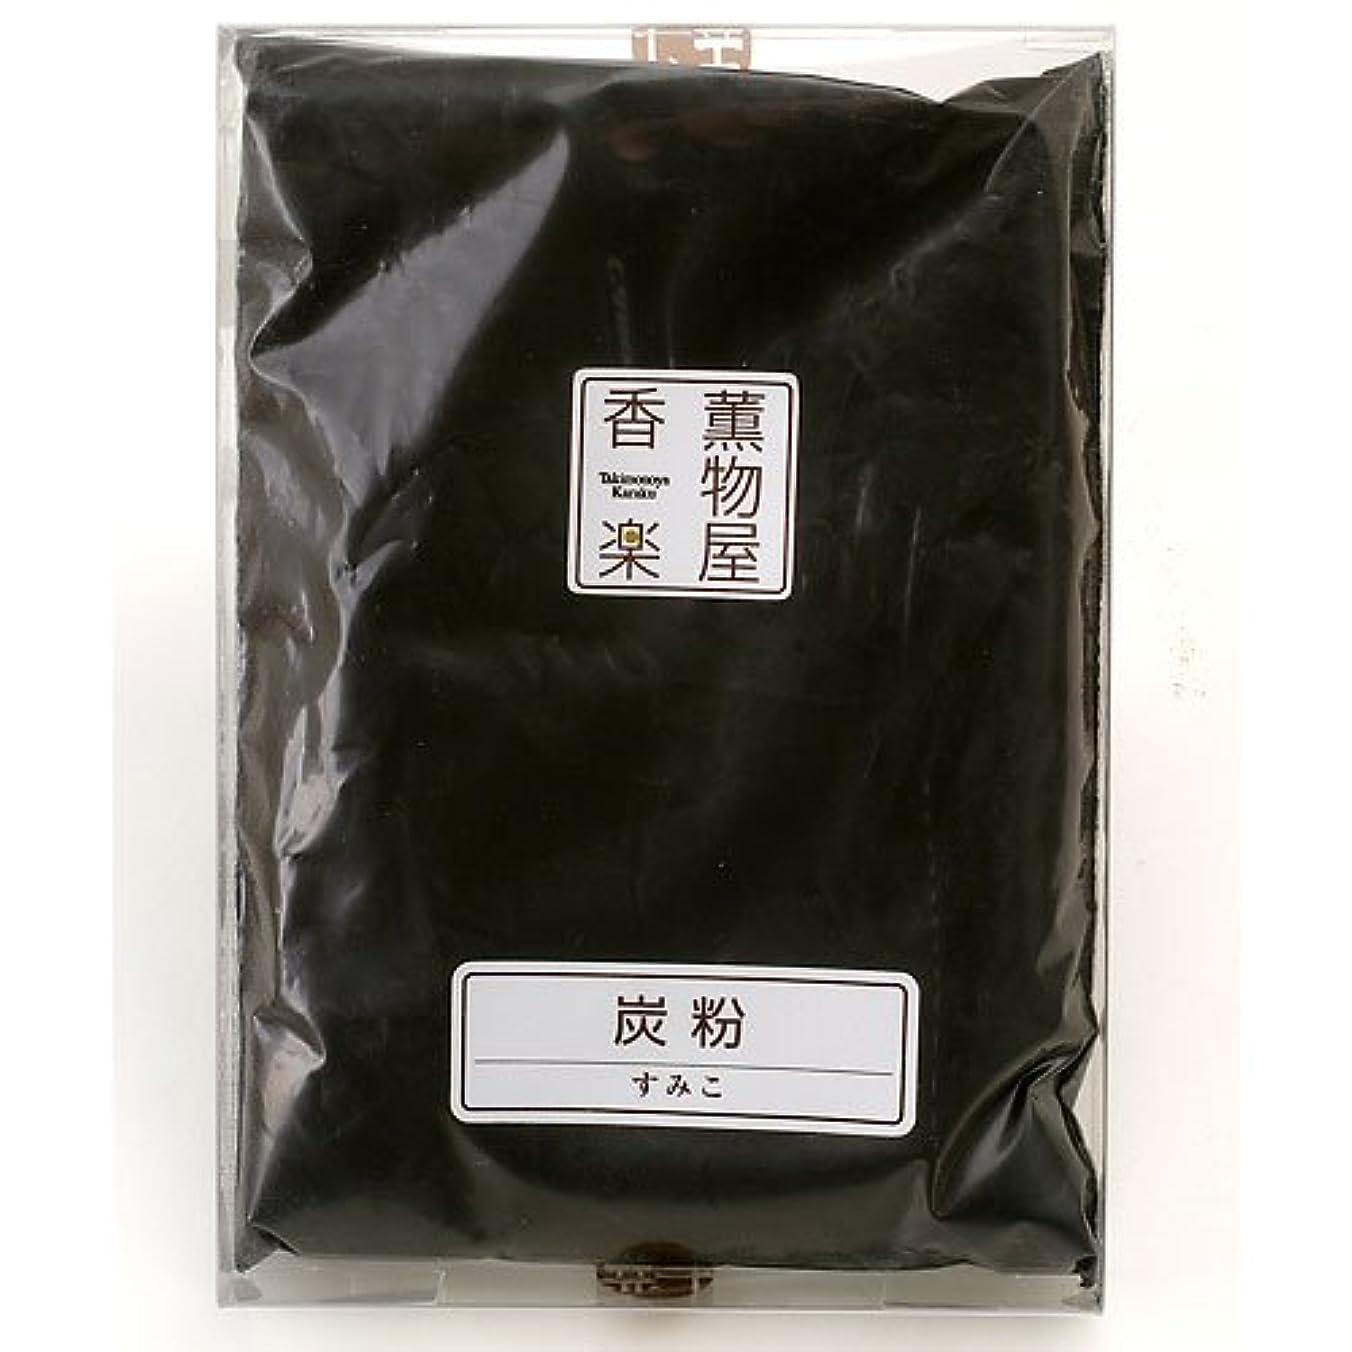 押す引き出し合金炭粉(着火/カビ防止) 線香?練香の材料